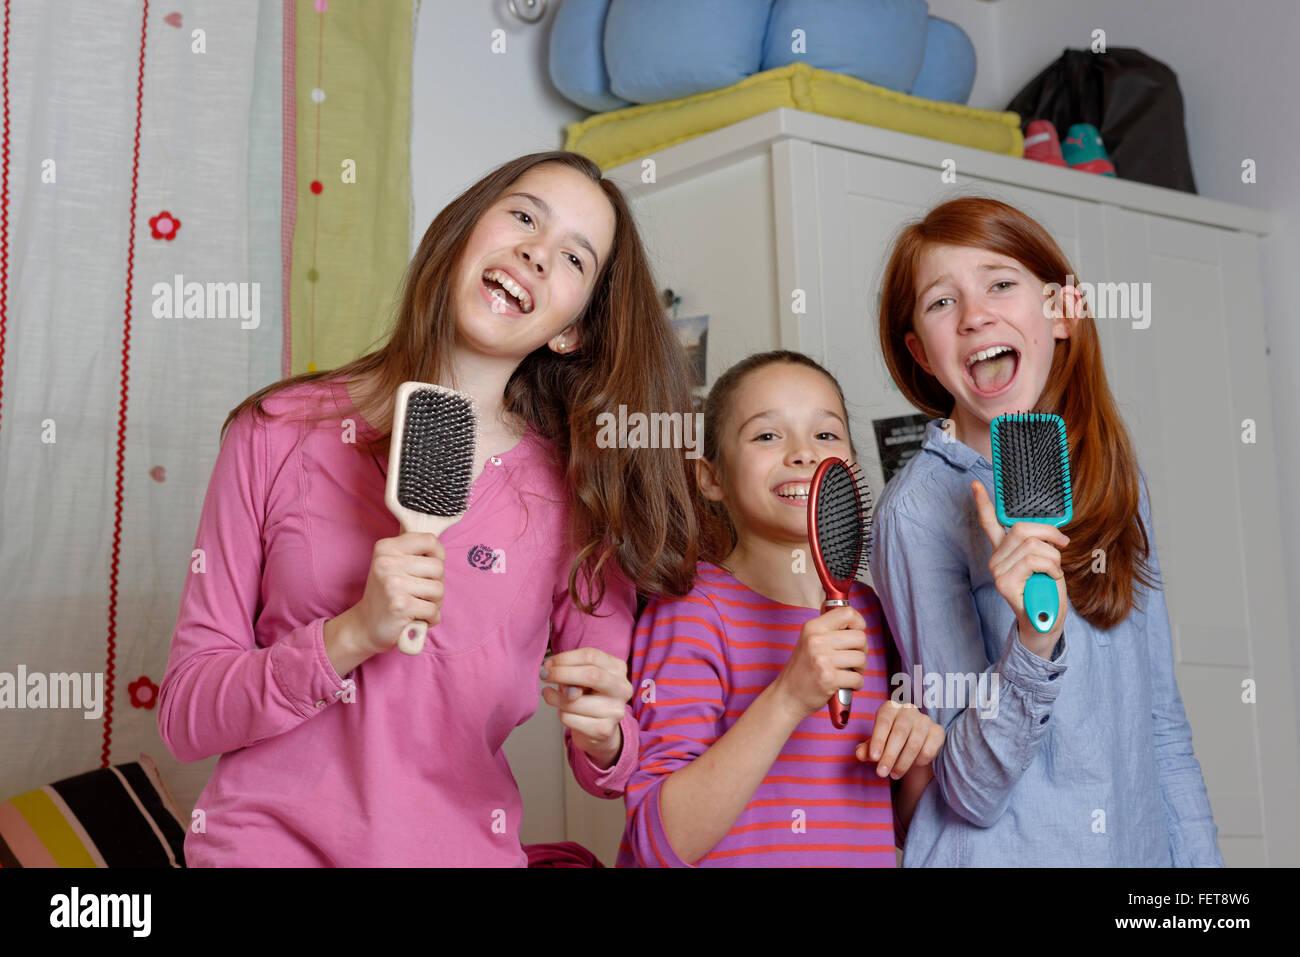 Les filles, les enfants chantent en brosse comme micro, Allemagne Photo Stock